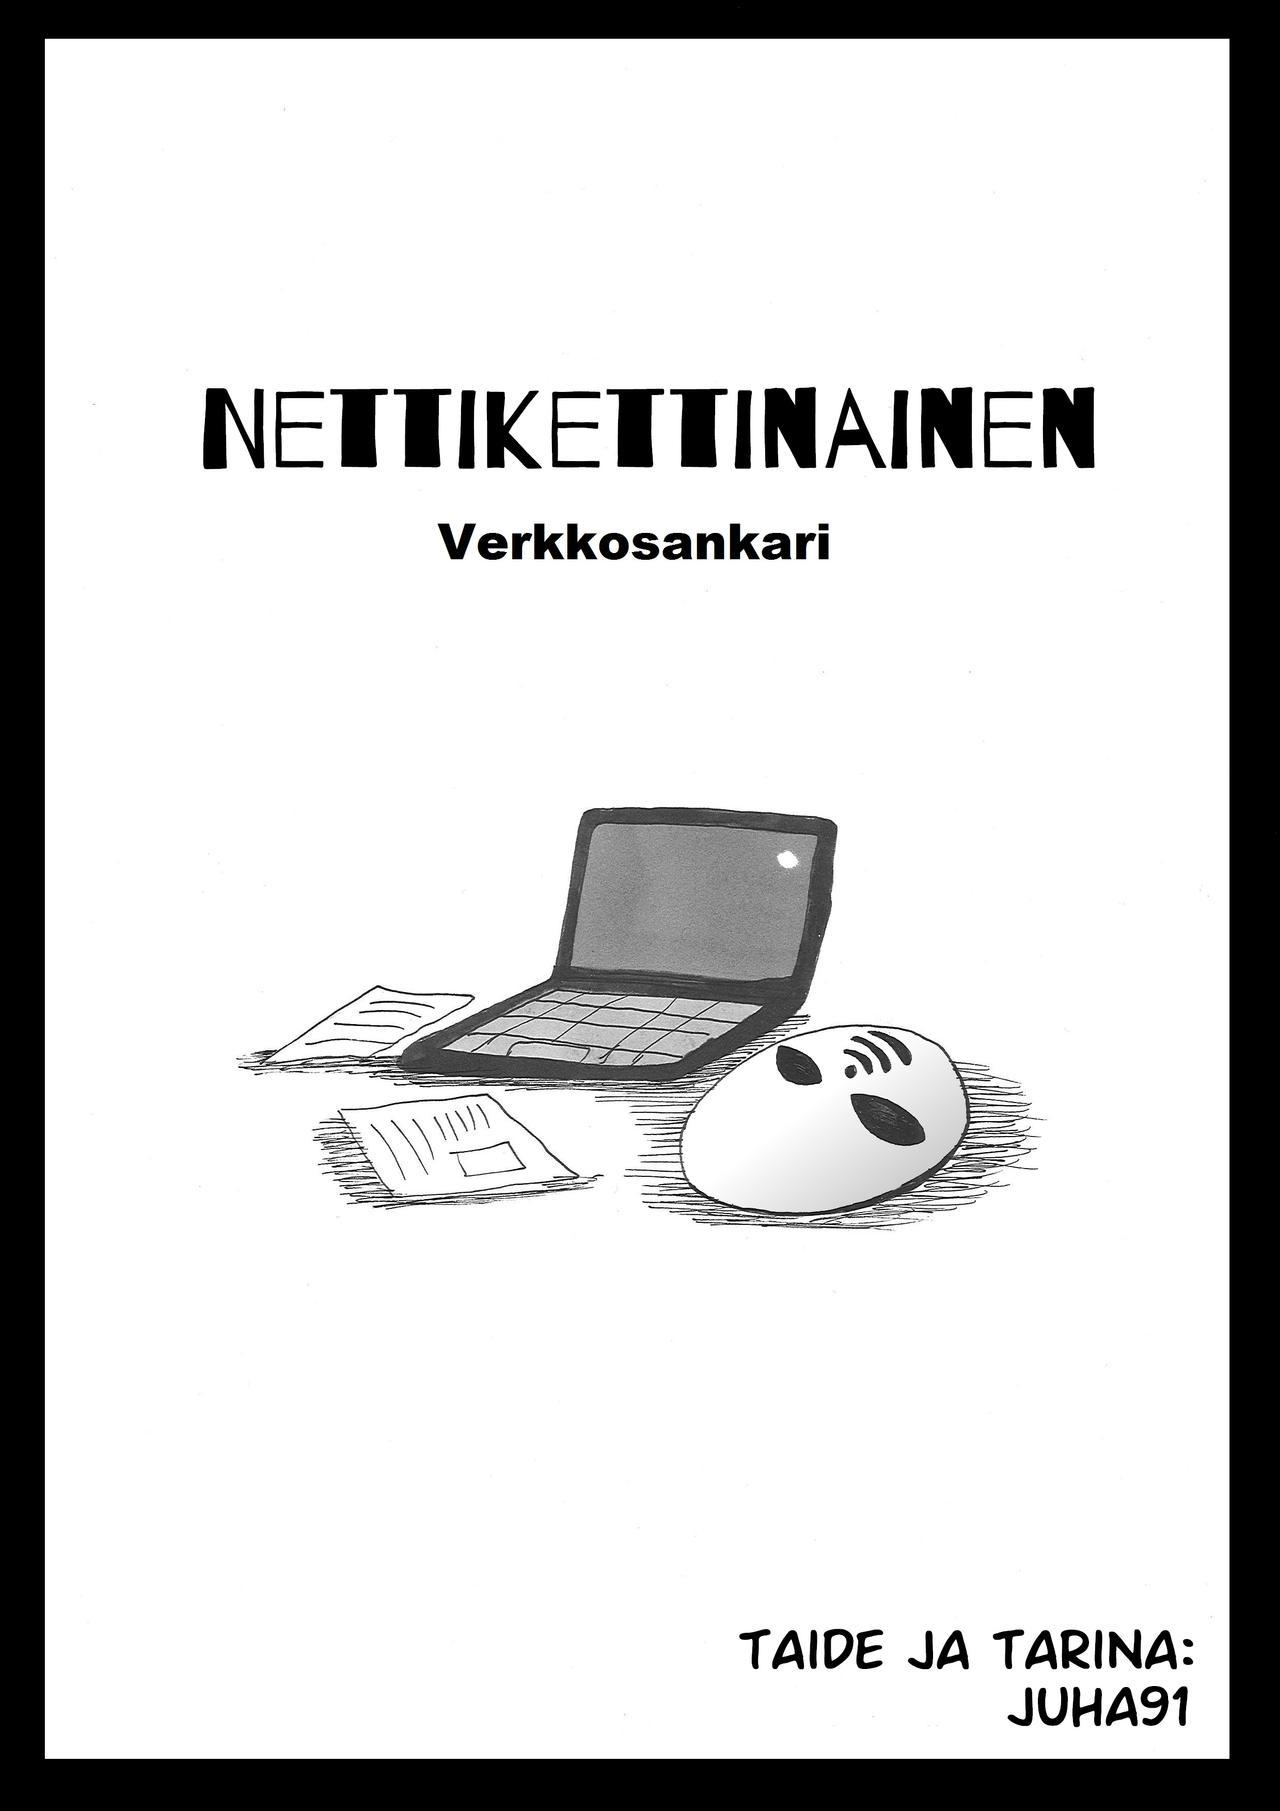 Nettikettinainen 00